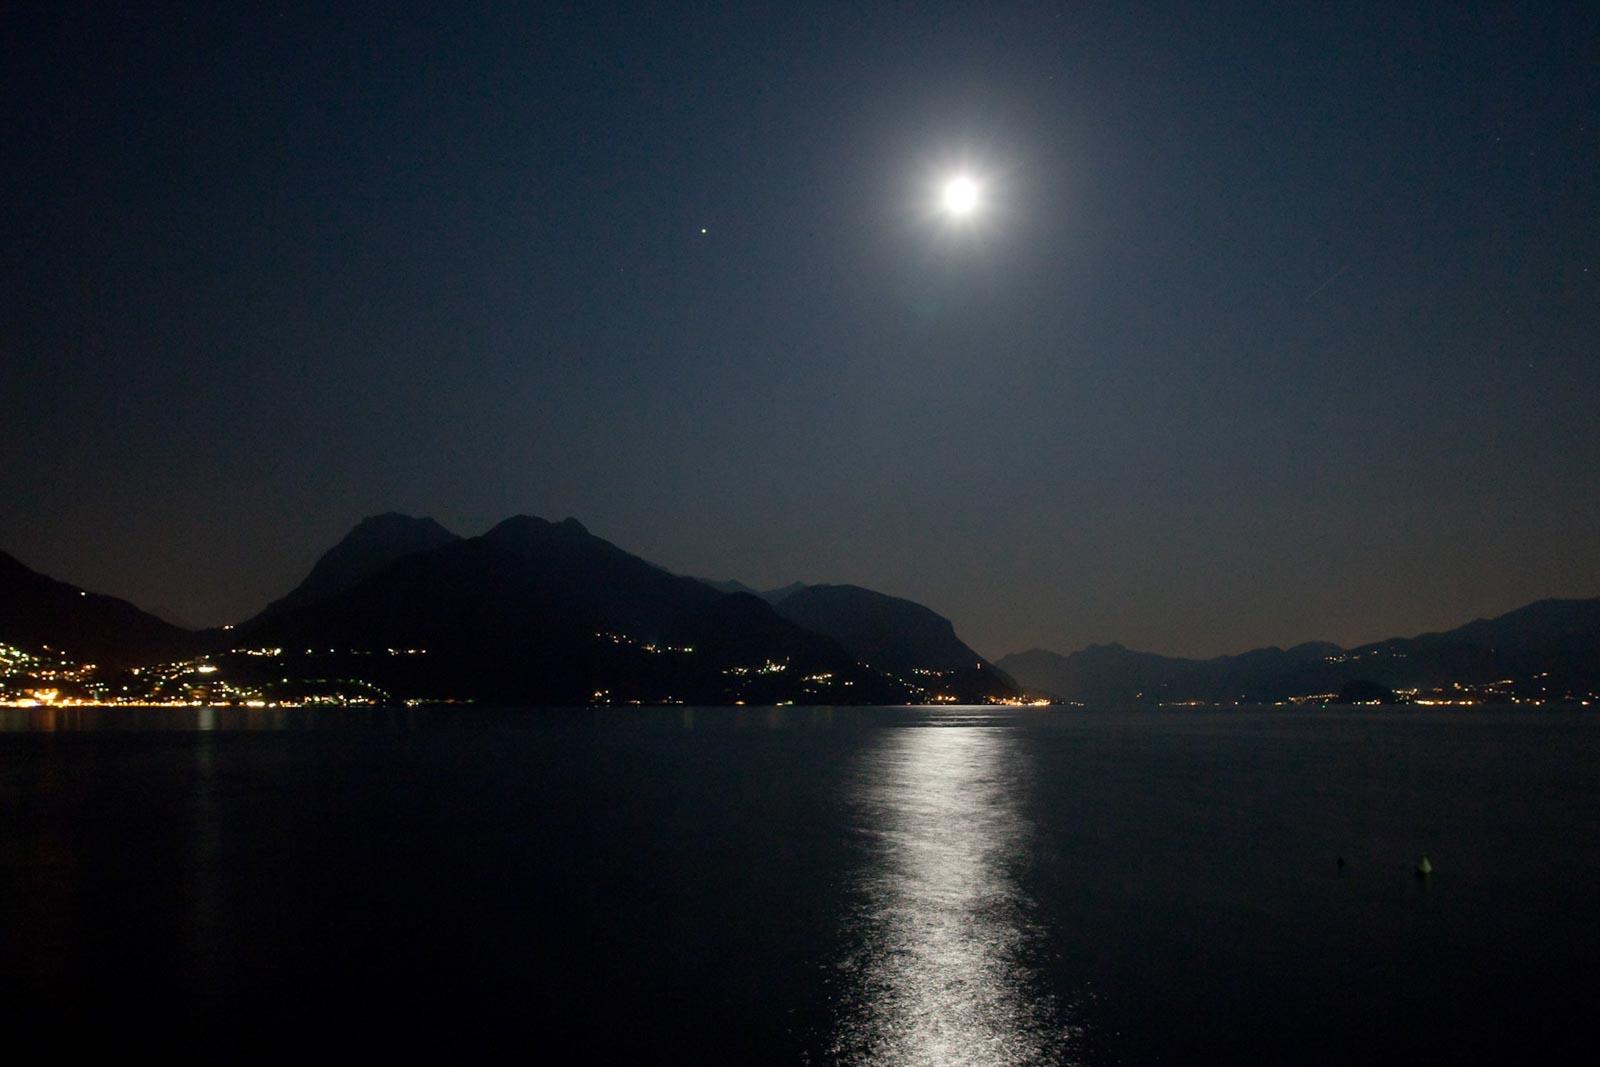 Maan in een meer in Italie